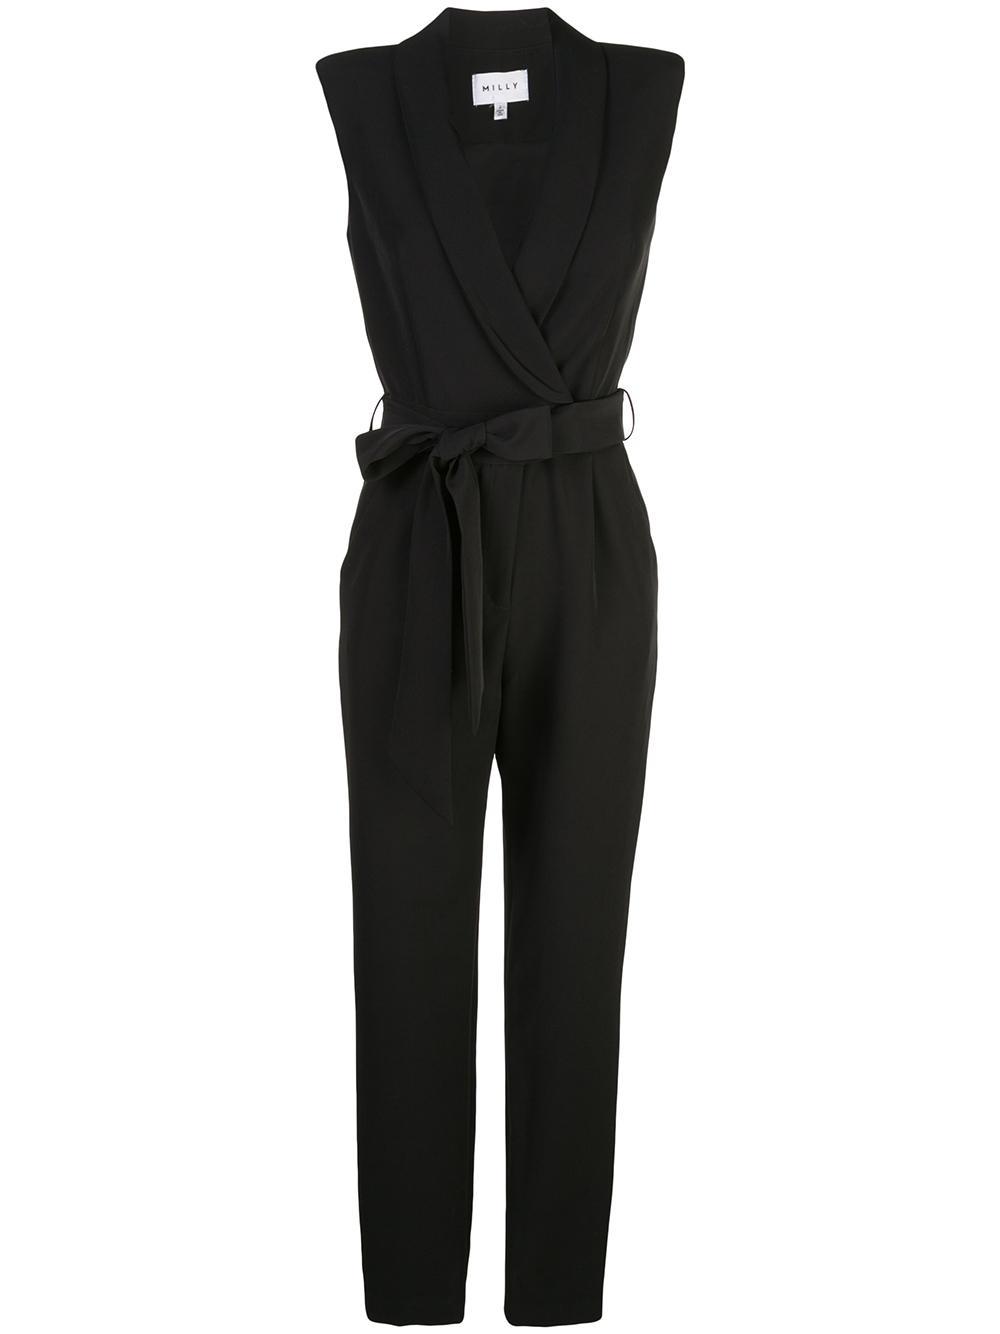 Jada Tie Belt Skinny Ankle Jumpsuit Item # 222IC030093